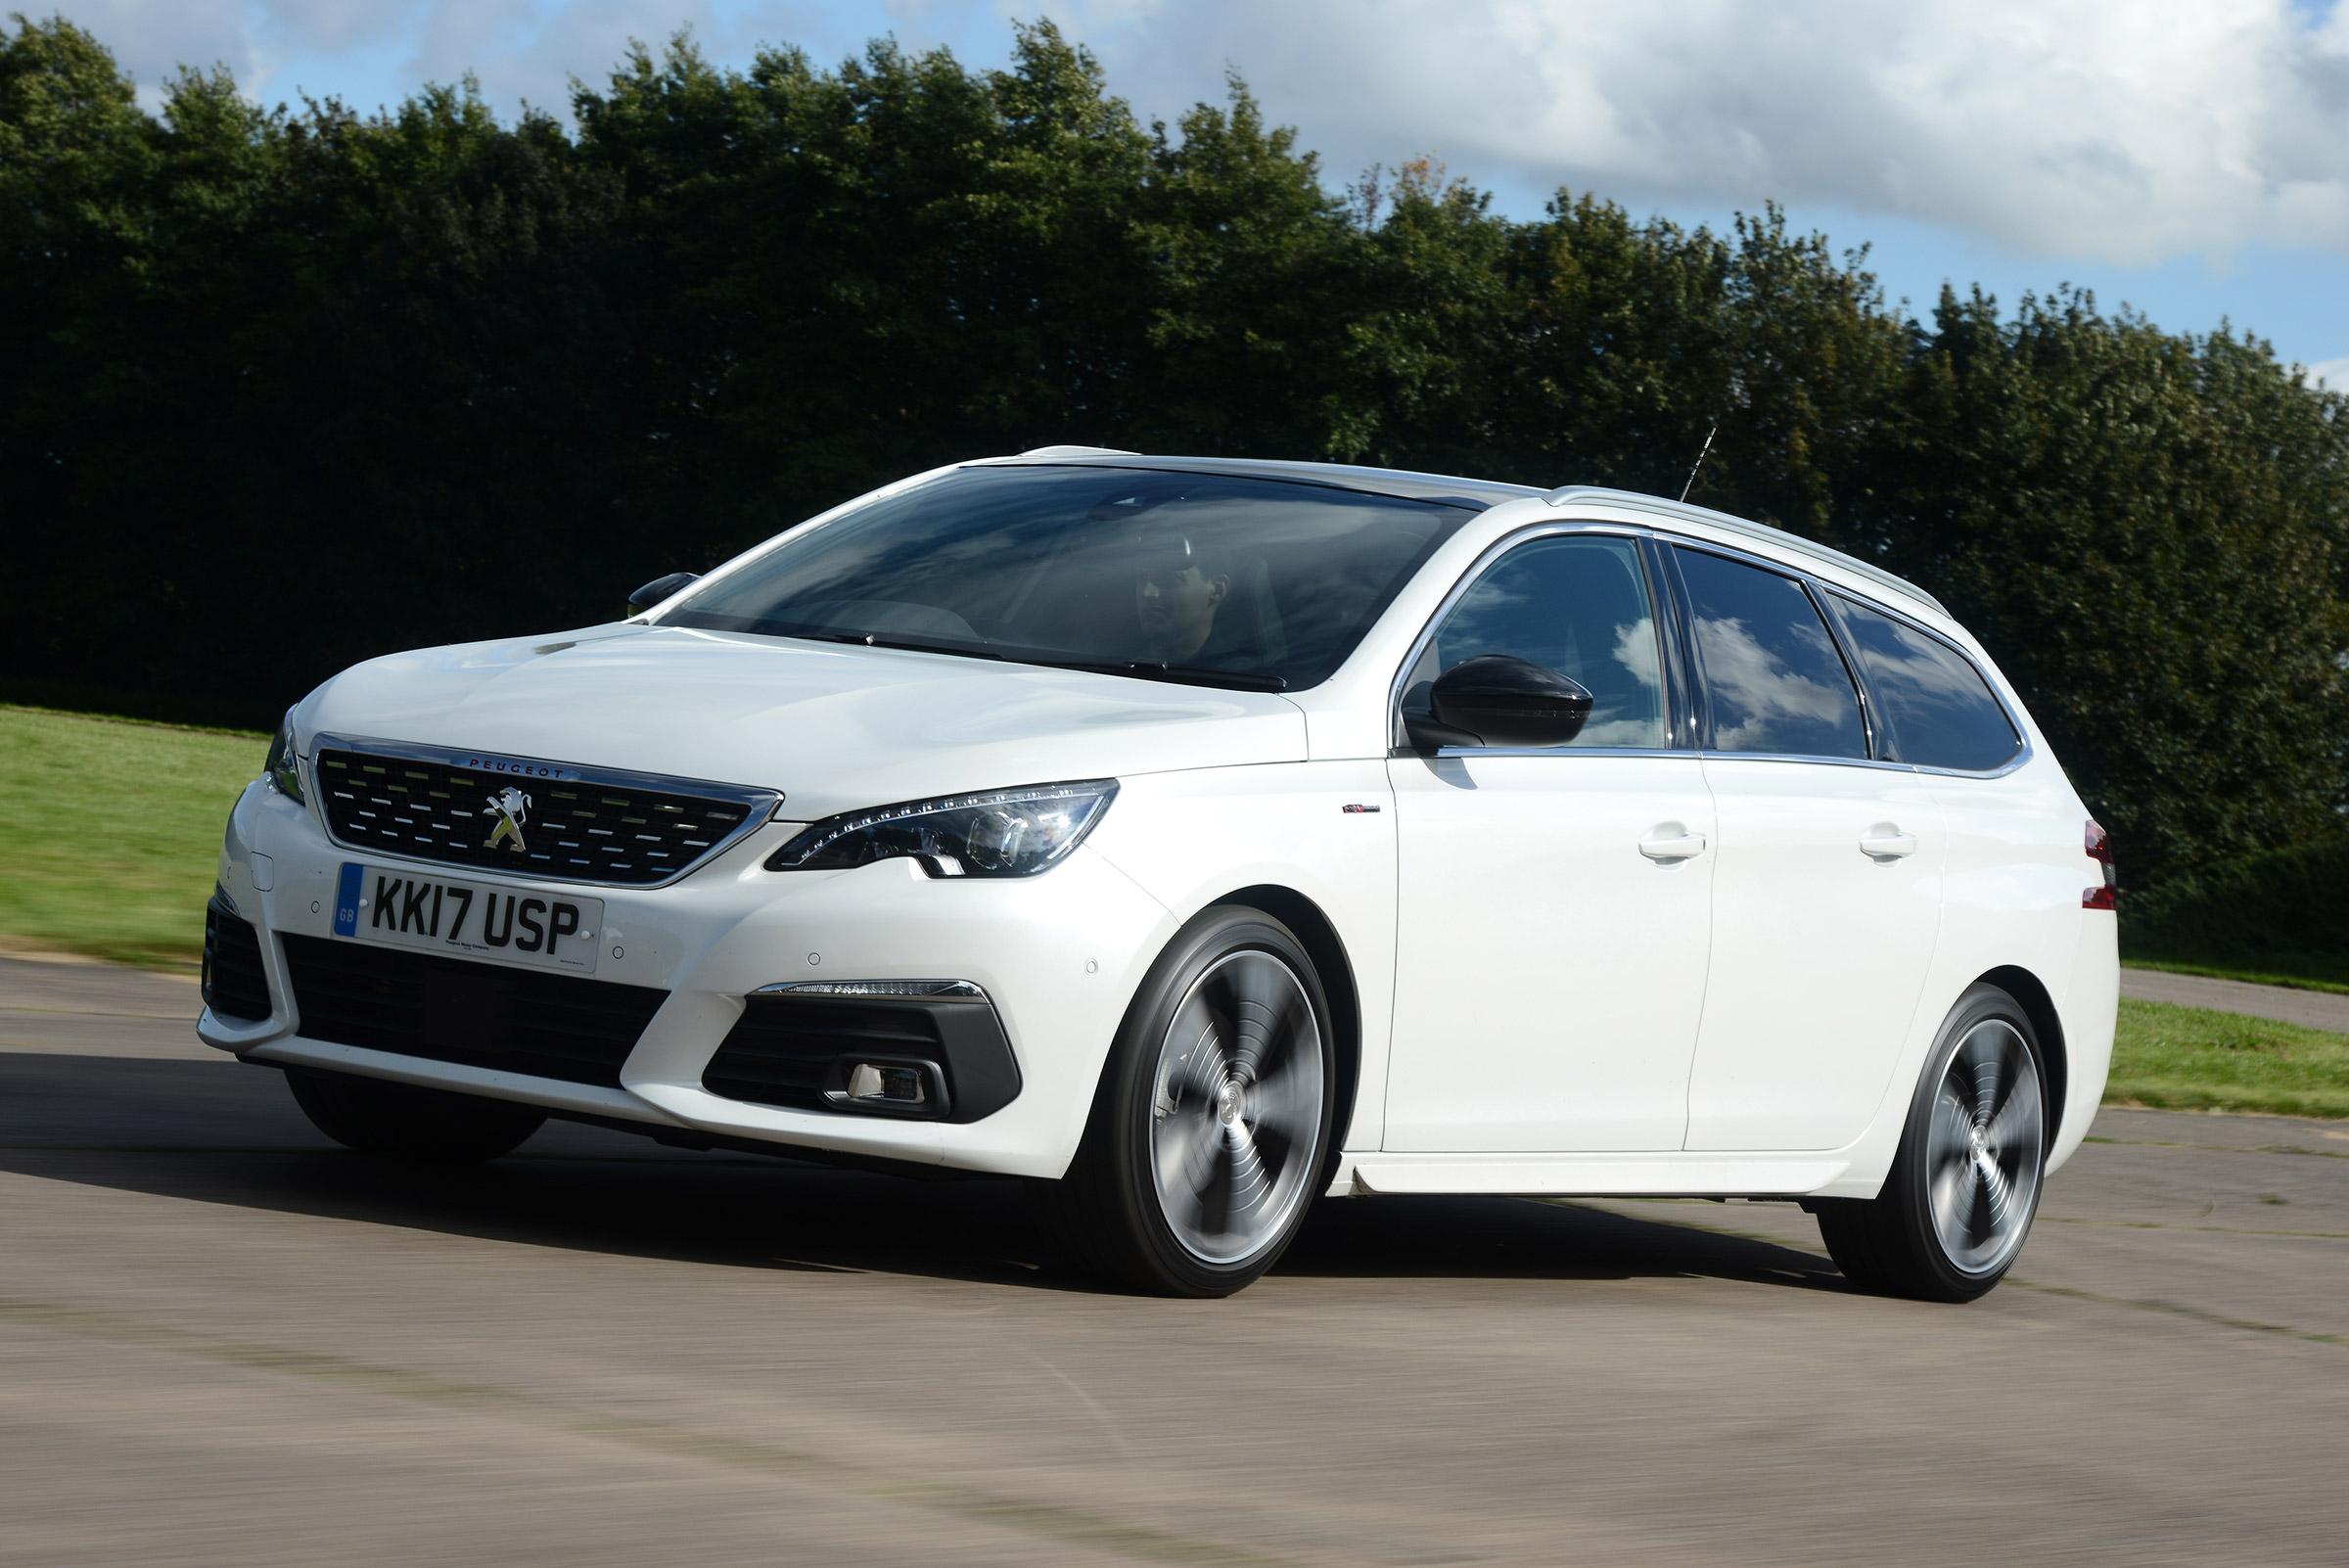 Auto Express Kia >> Peugeot 308 SW review | Auto Express